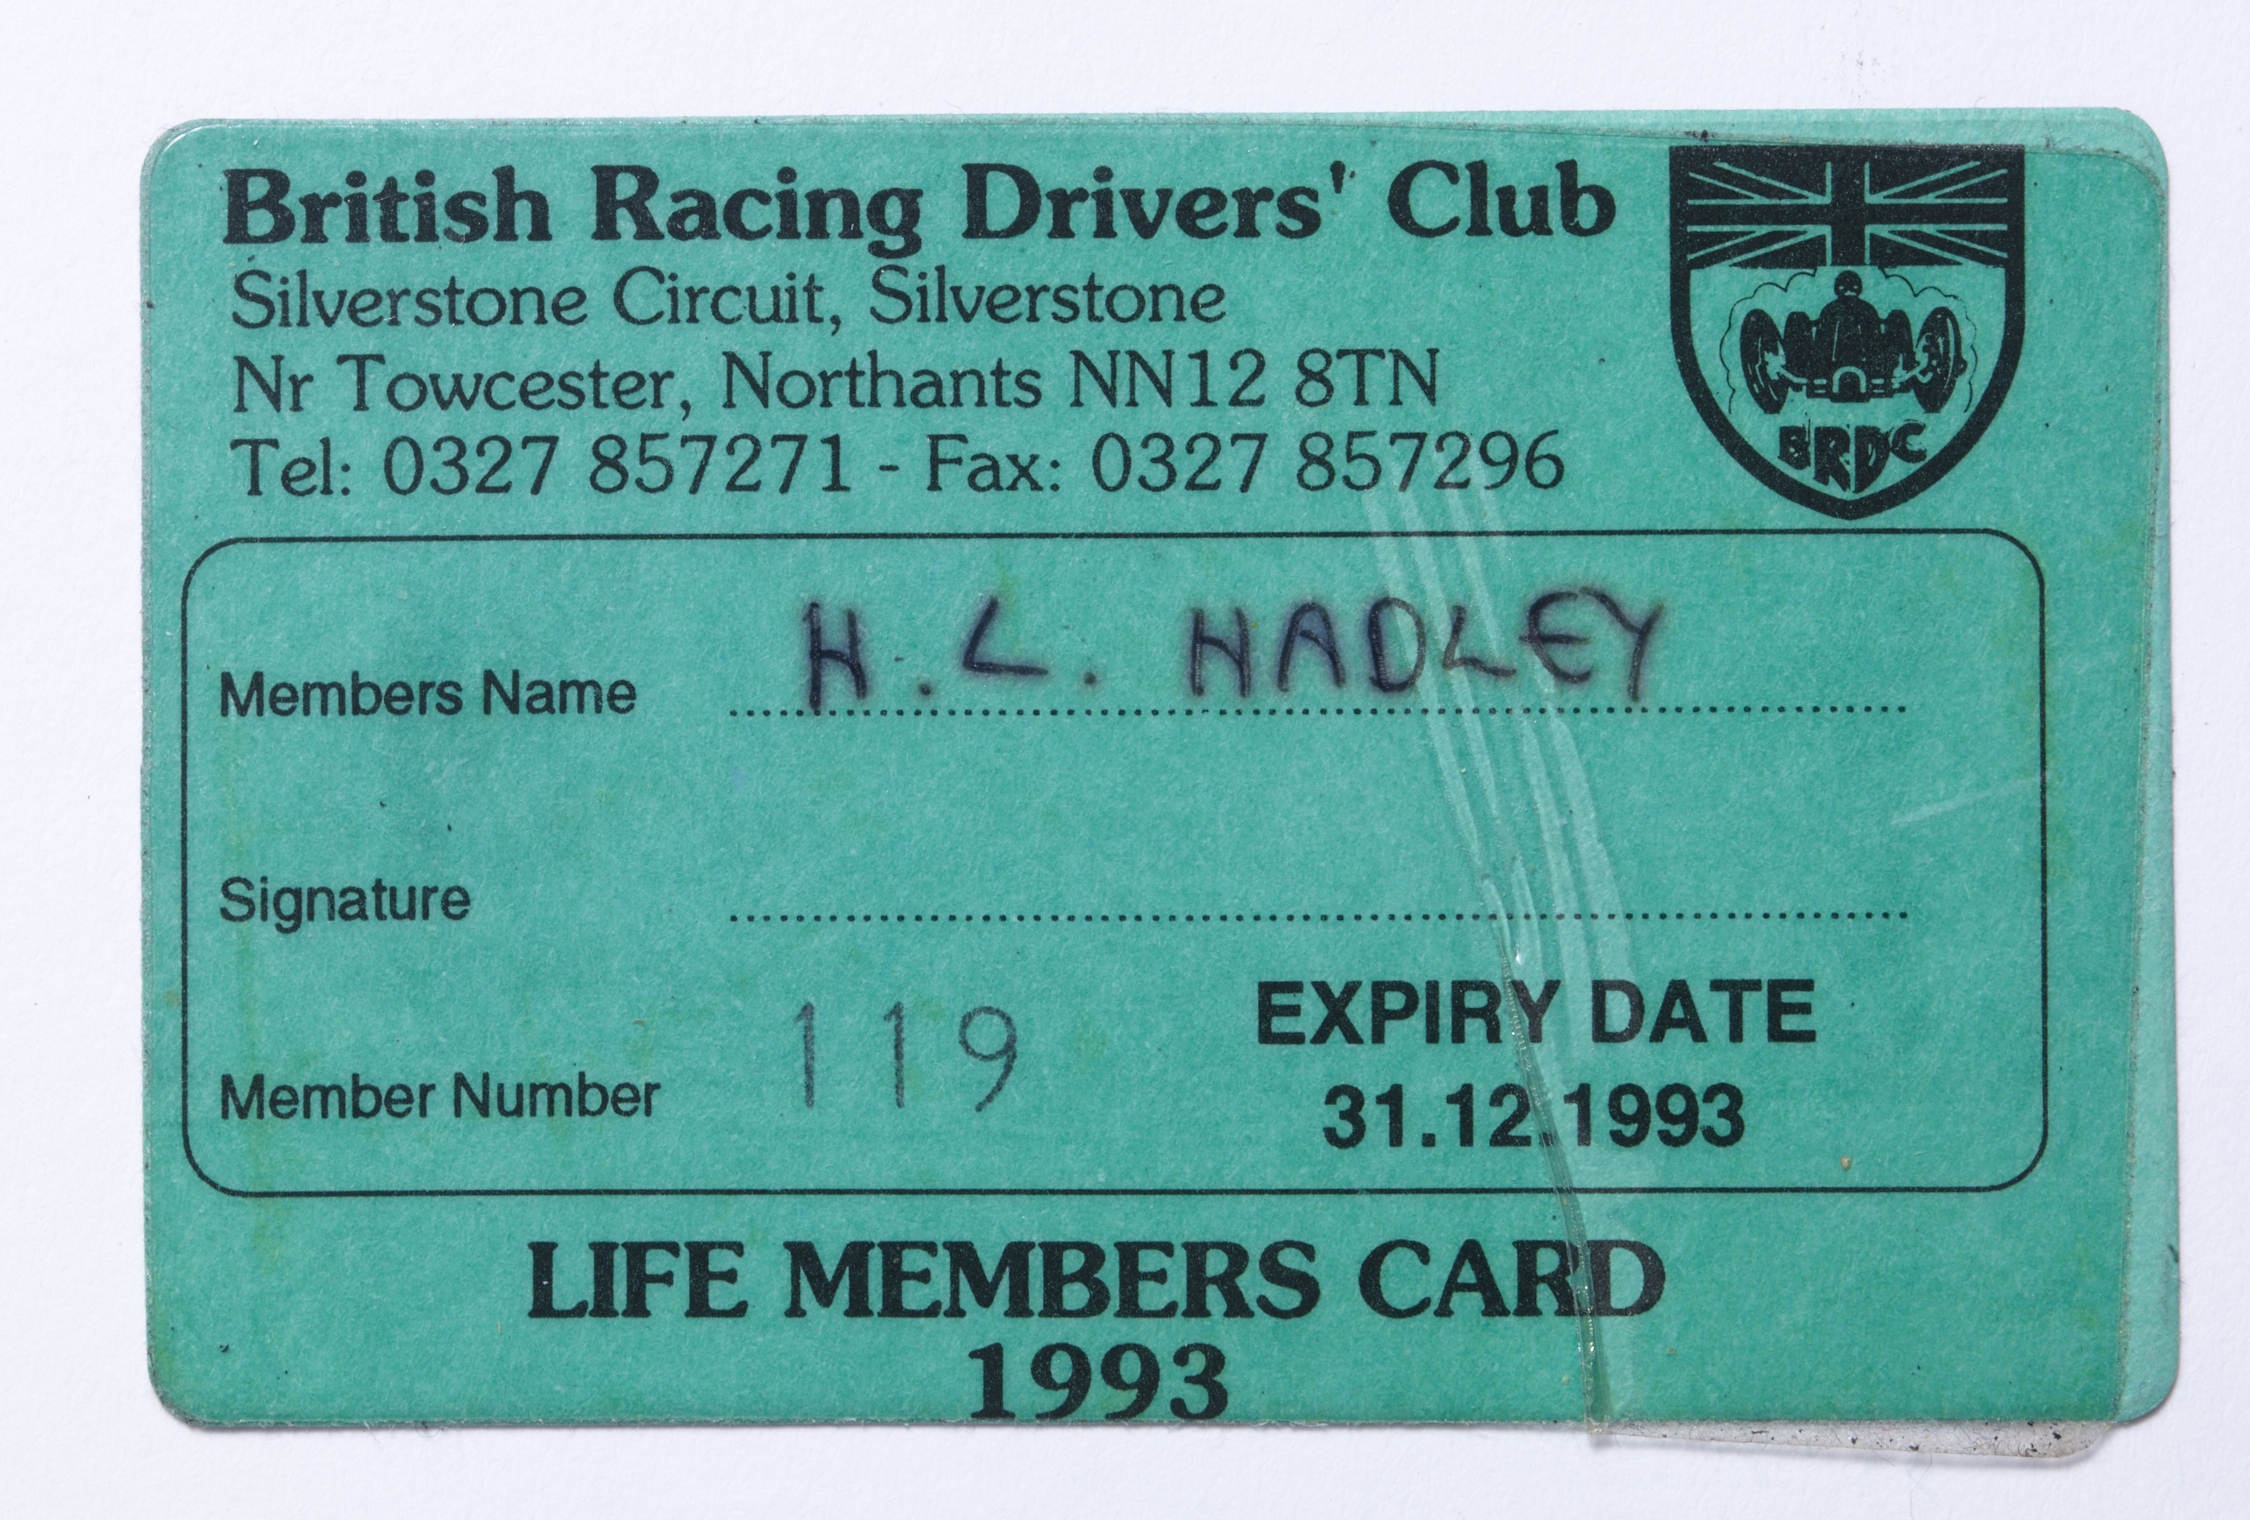 BRDC-Life members card Image